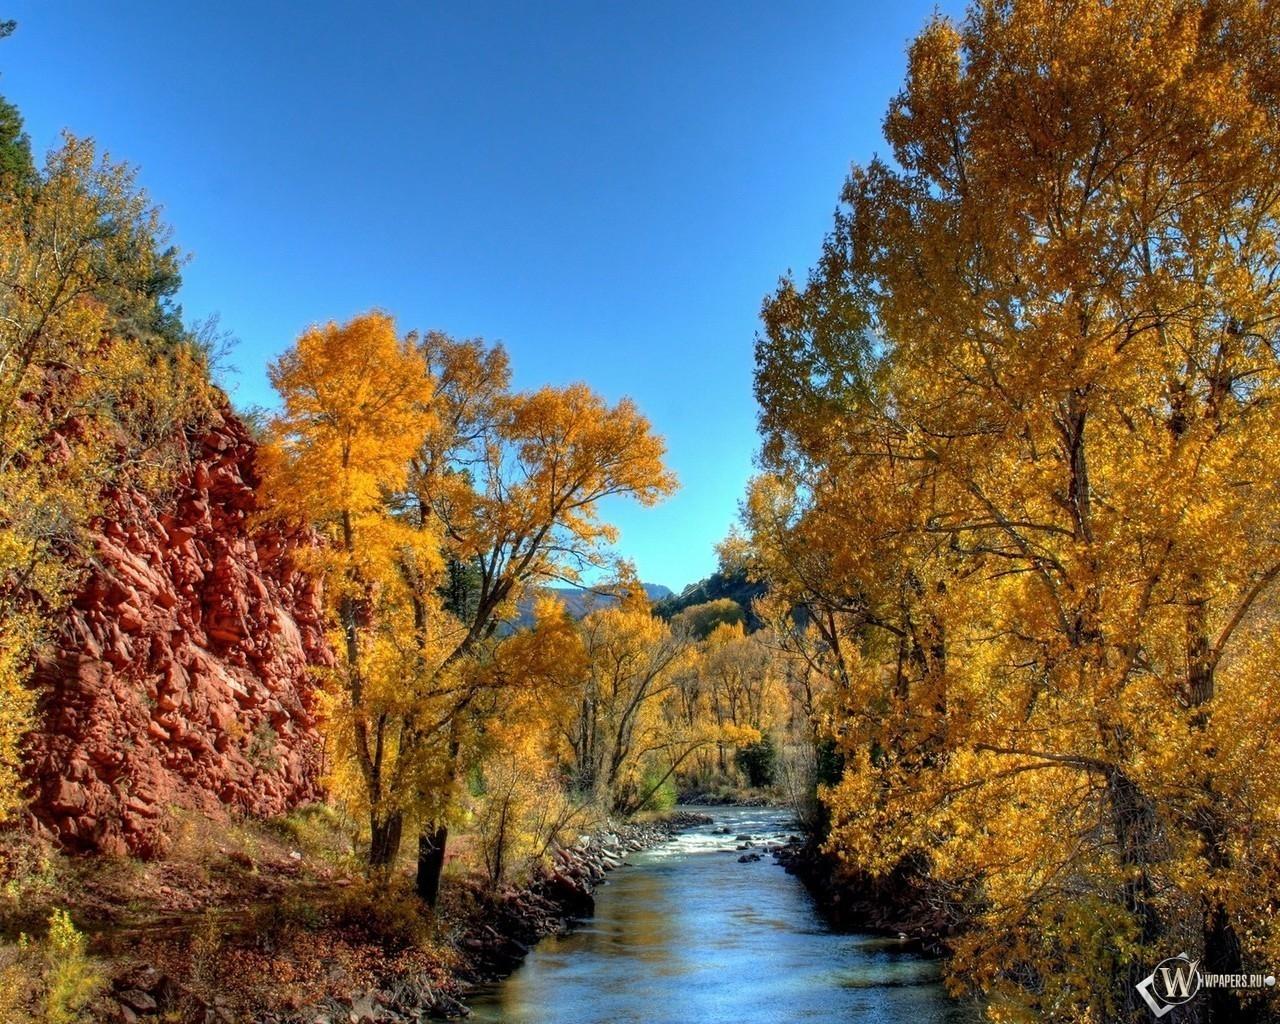 Река в осеннем лесу 1280x1024